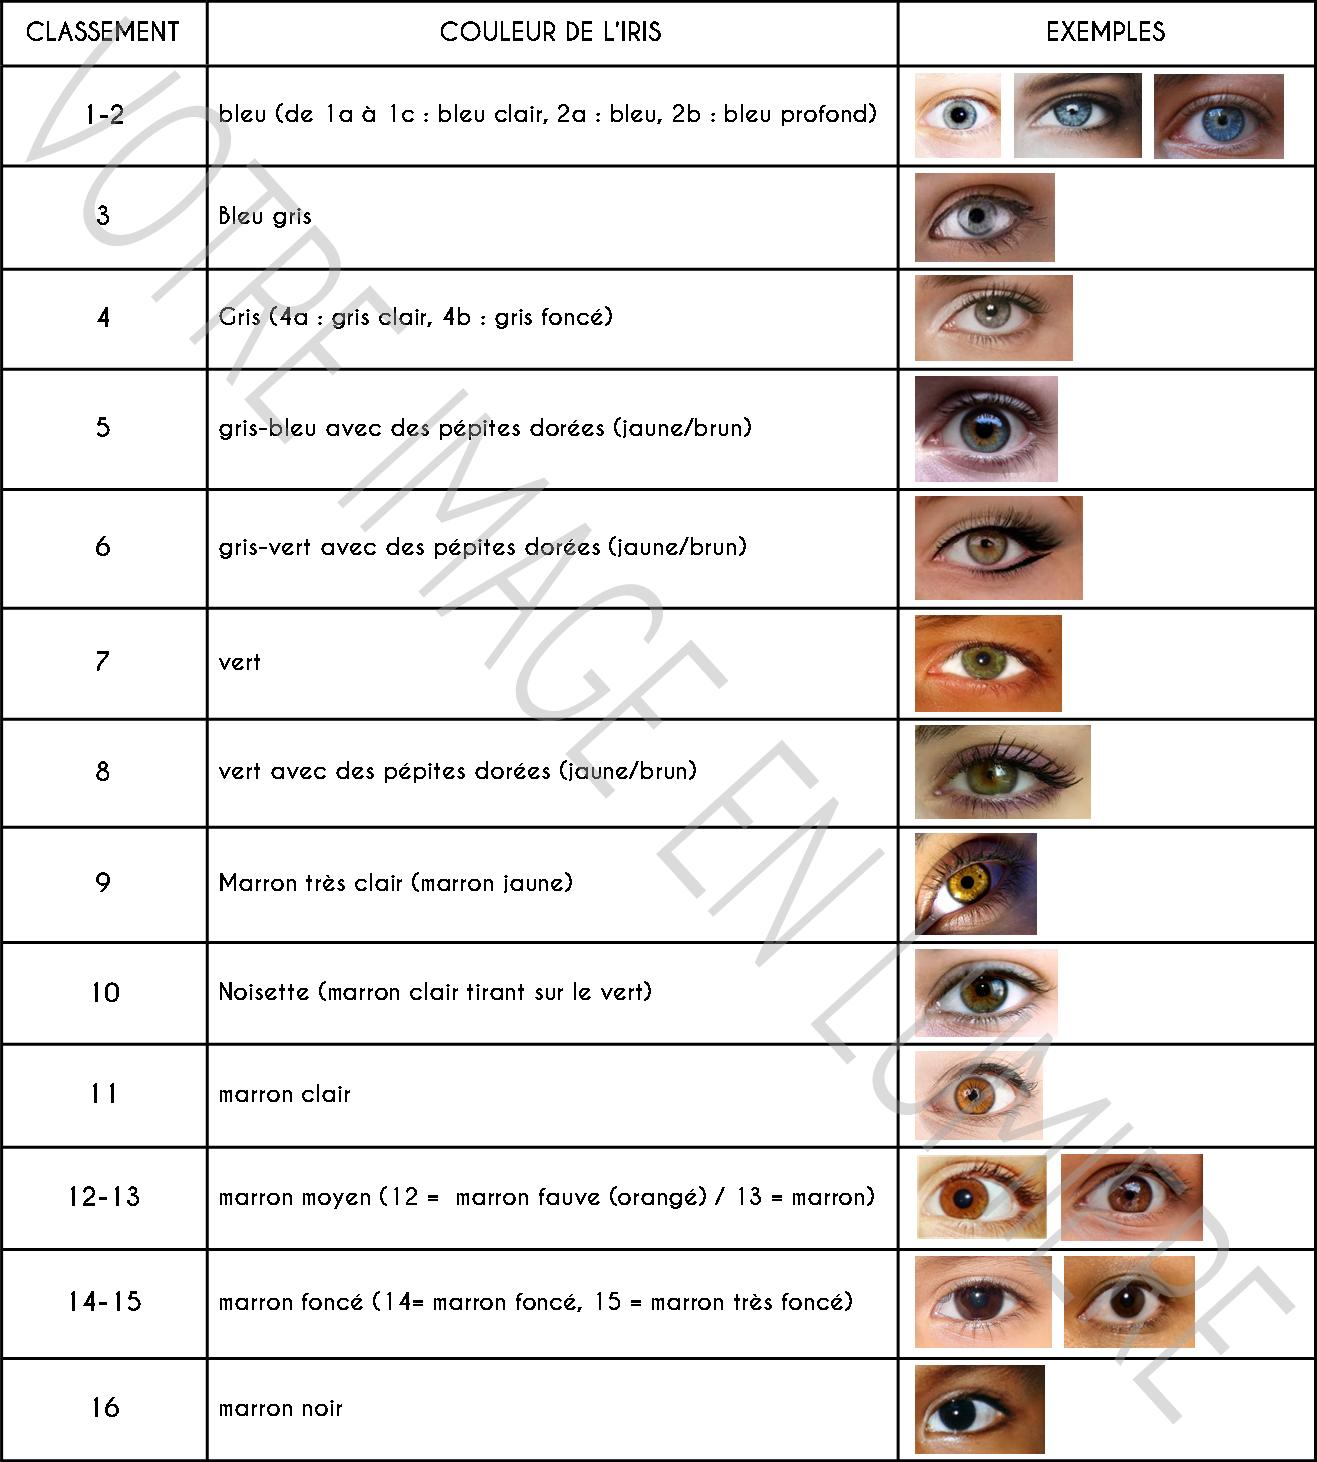 Comment choisir son maquillage des yeux - Couleur maquillage yeux bleus ...